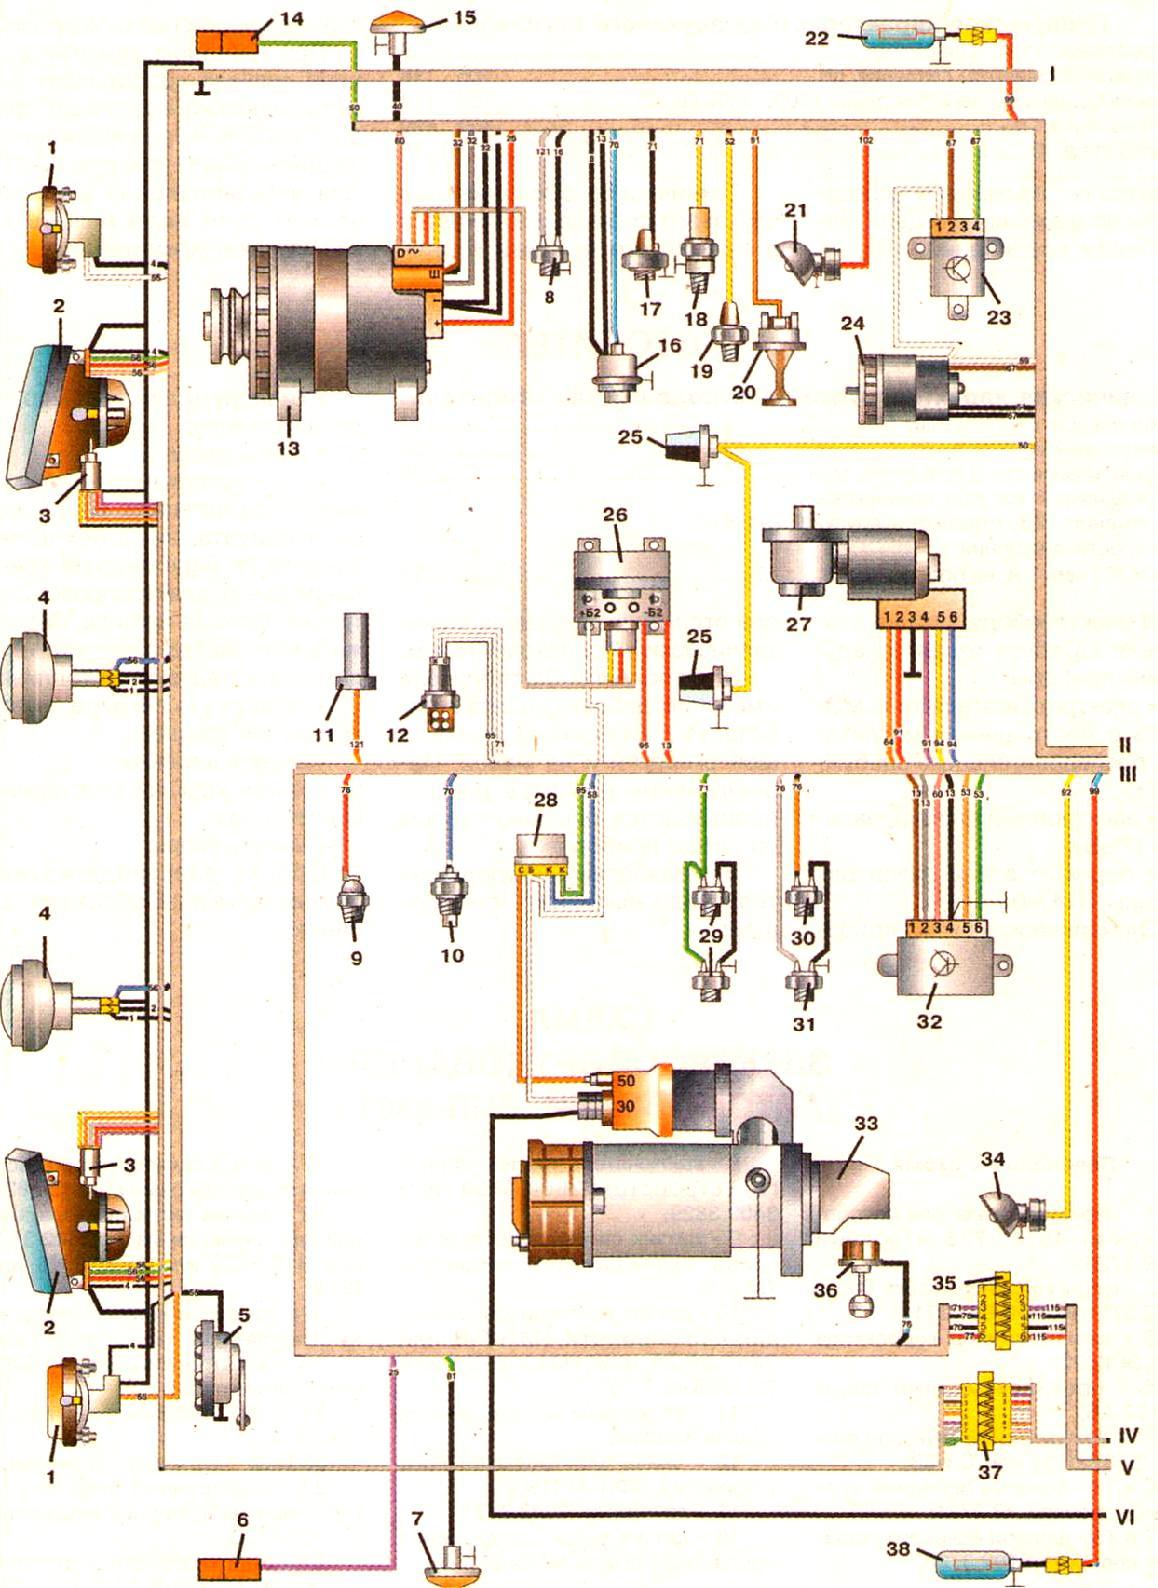 схема электрооборудования на бычок 5301